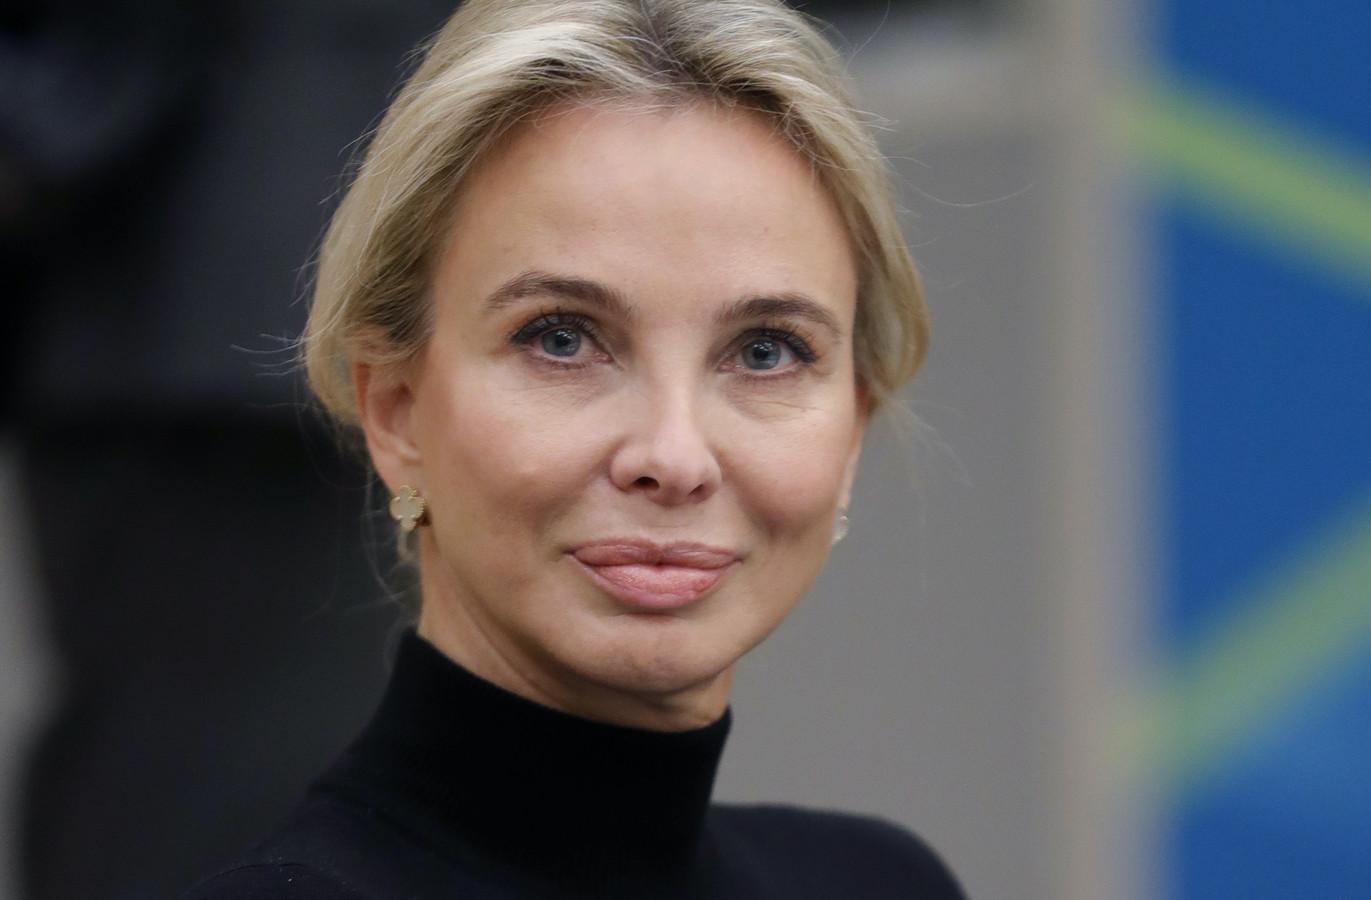 Corinna zu Sayn-Wittgenstein had van 2004 tot 2009 een affaire met de voormalige Spaanse koning Juan Carlos.